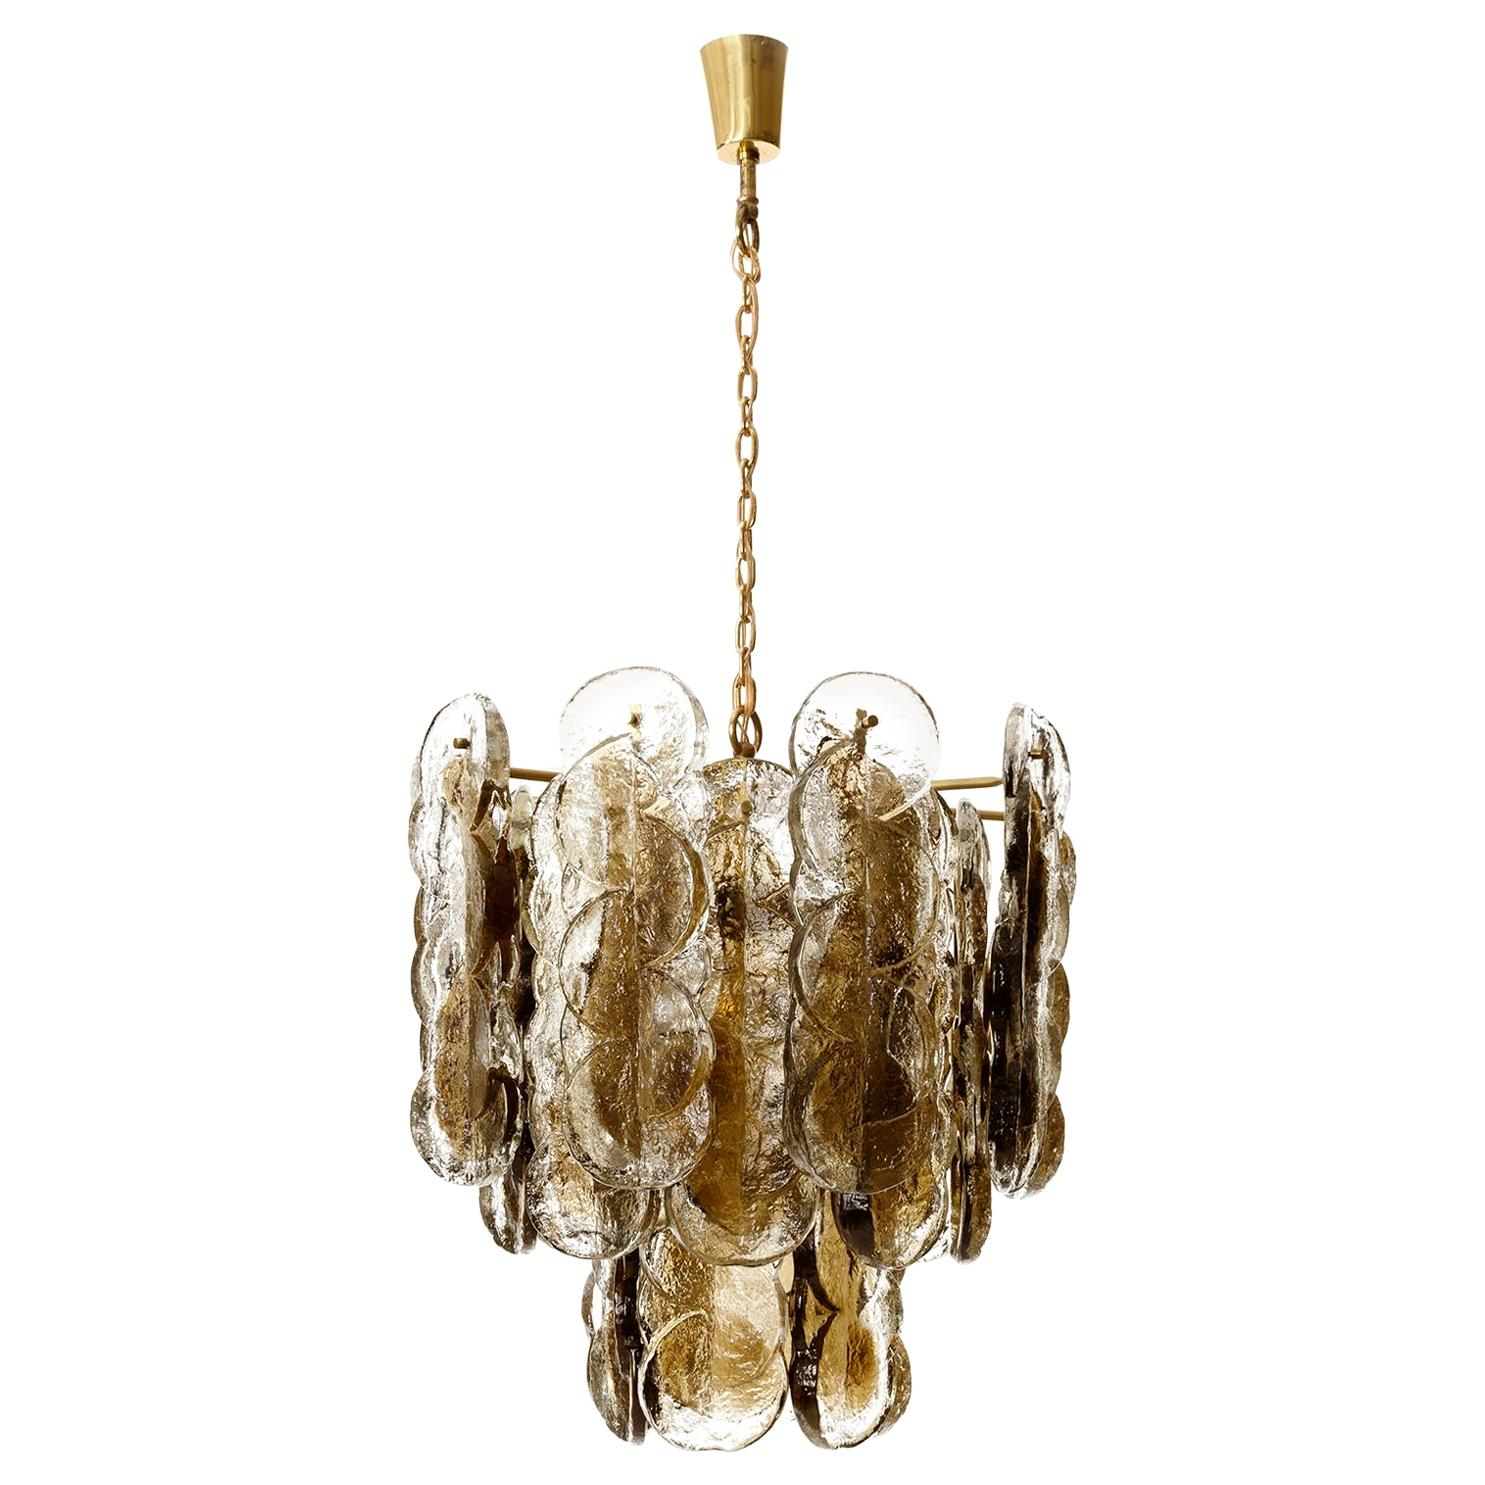 Large Kalmar Chandelier Pendant Light 'Citrus', Brass Amber Glass, 1970s